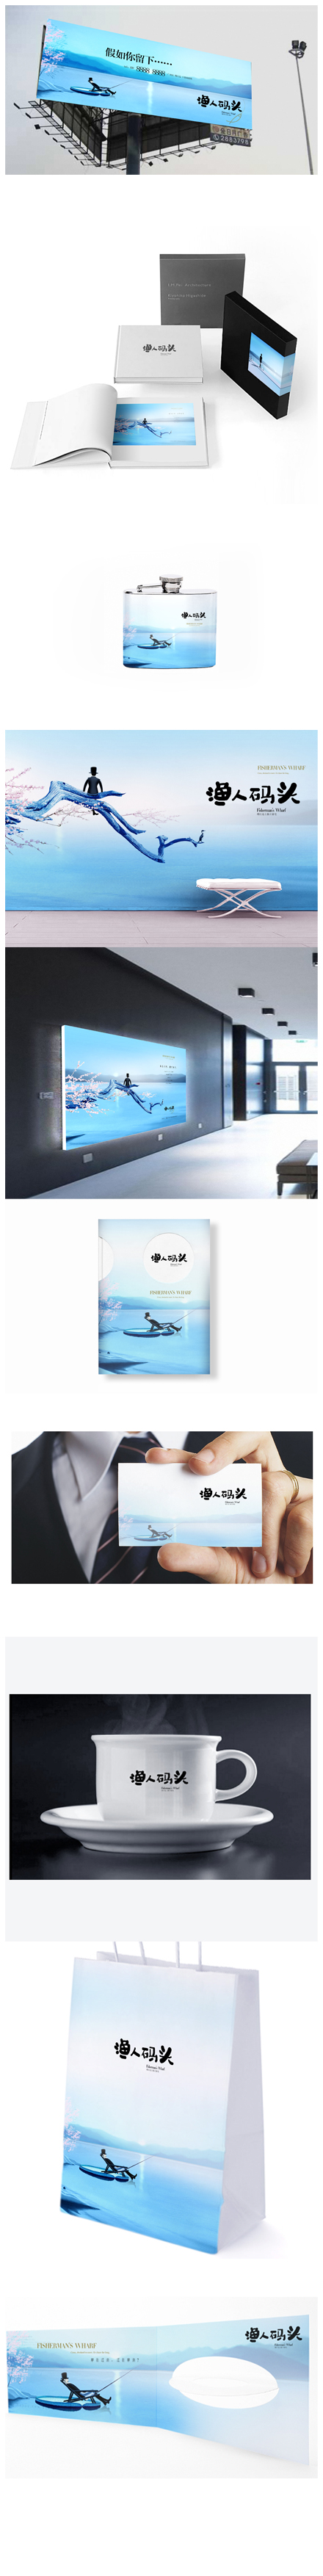 渔人码头广告视觉.jpg